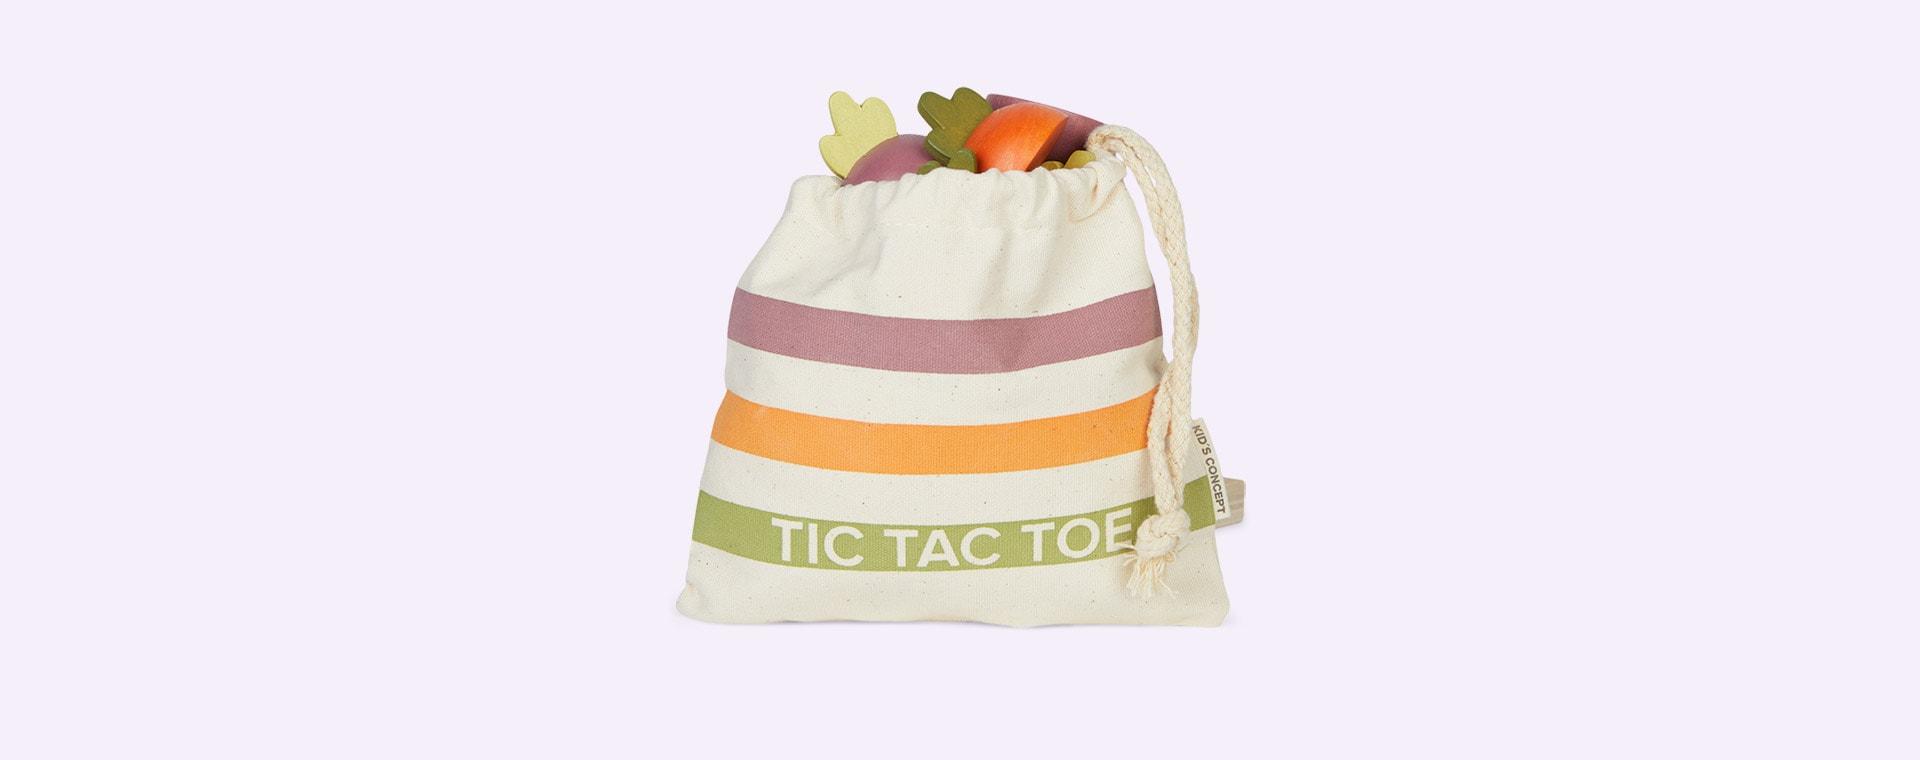 Multi Kid's Concept Tic Tac Toe Veggie Game